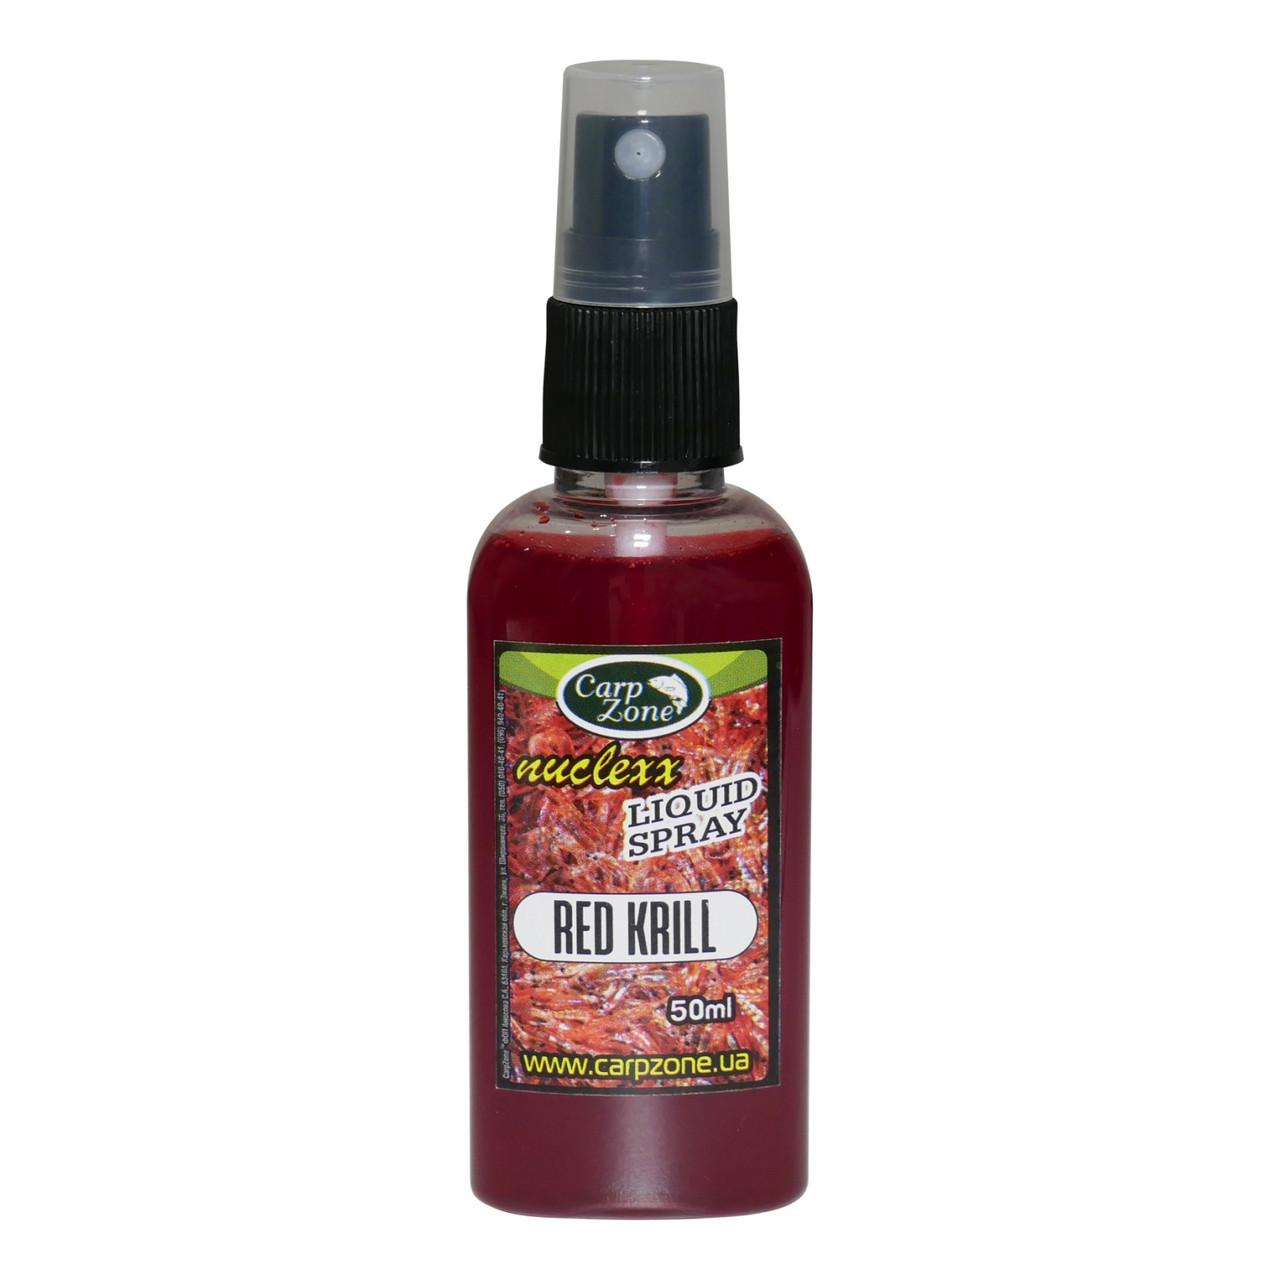 Liquid Spray Red Кrill (Ліквід - спрей Червона Креветка)